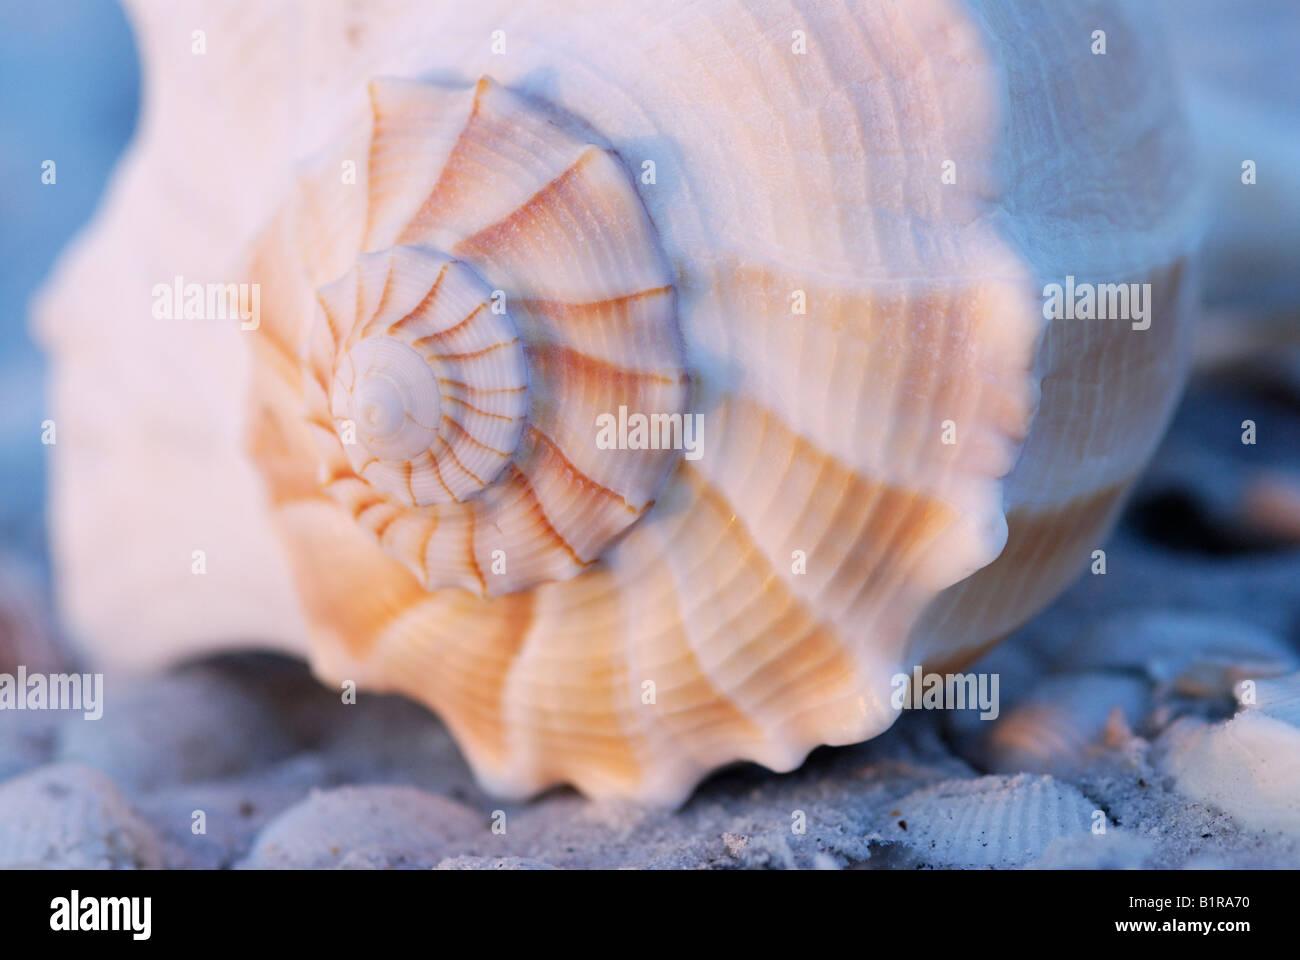 Blitz Wellhornschnecke Busycon Contrarium Schale Nahaufnahme von Apex Spirale mit Dämmerlicht Sanibel Island Stockbild